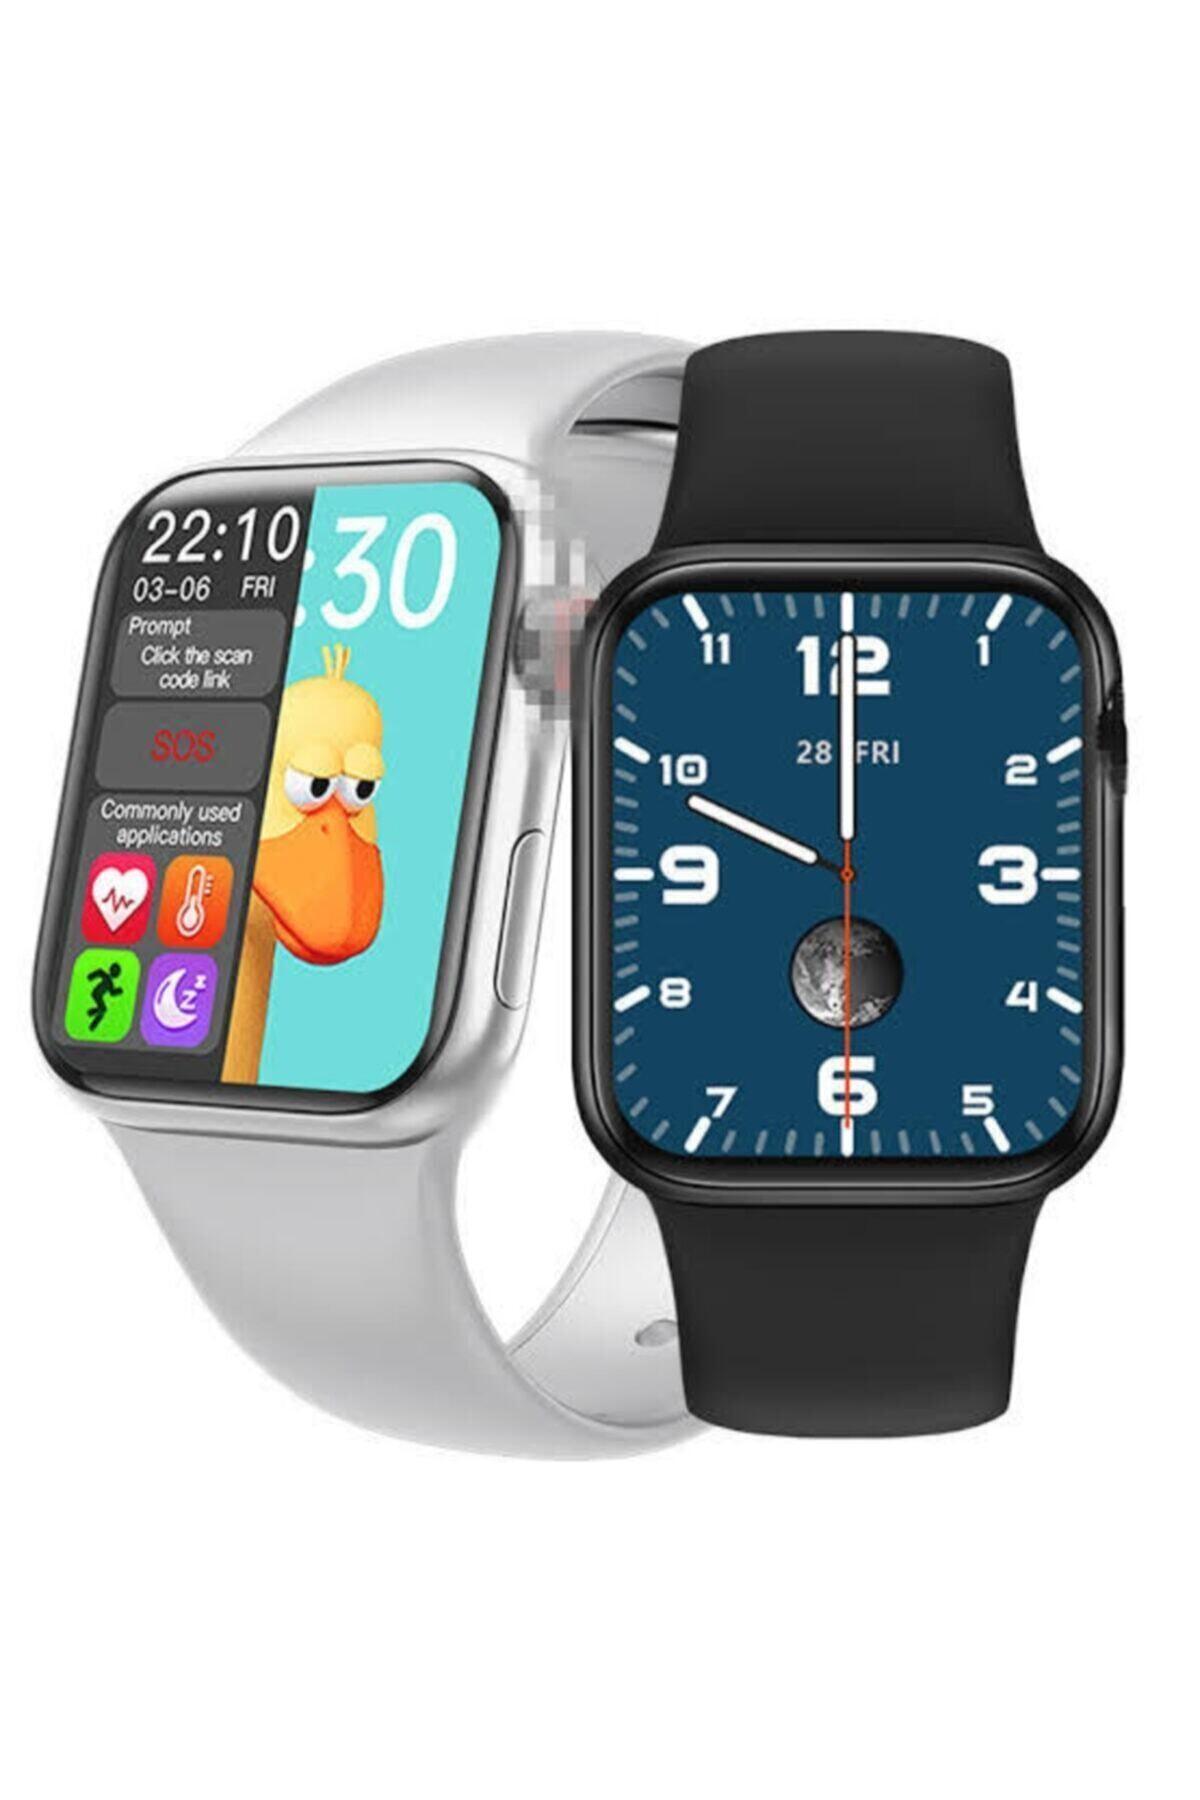 SmartWatch Hw16 Smart Watch 6 Akıllı Saat Tam Ekran 2' Ye Bölme Yan Tuş Aktif 44mm Arama Cevaplama 2